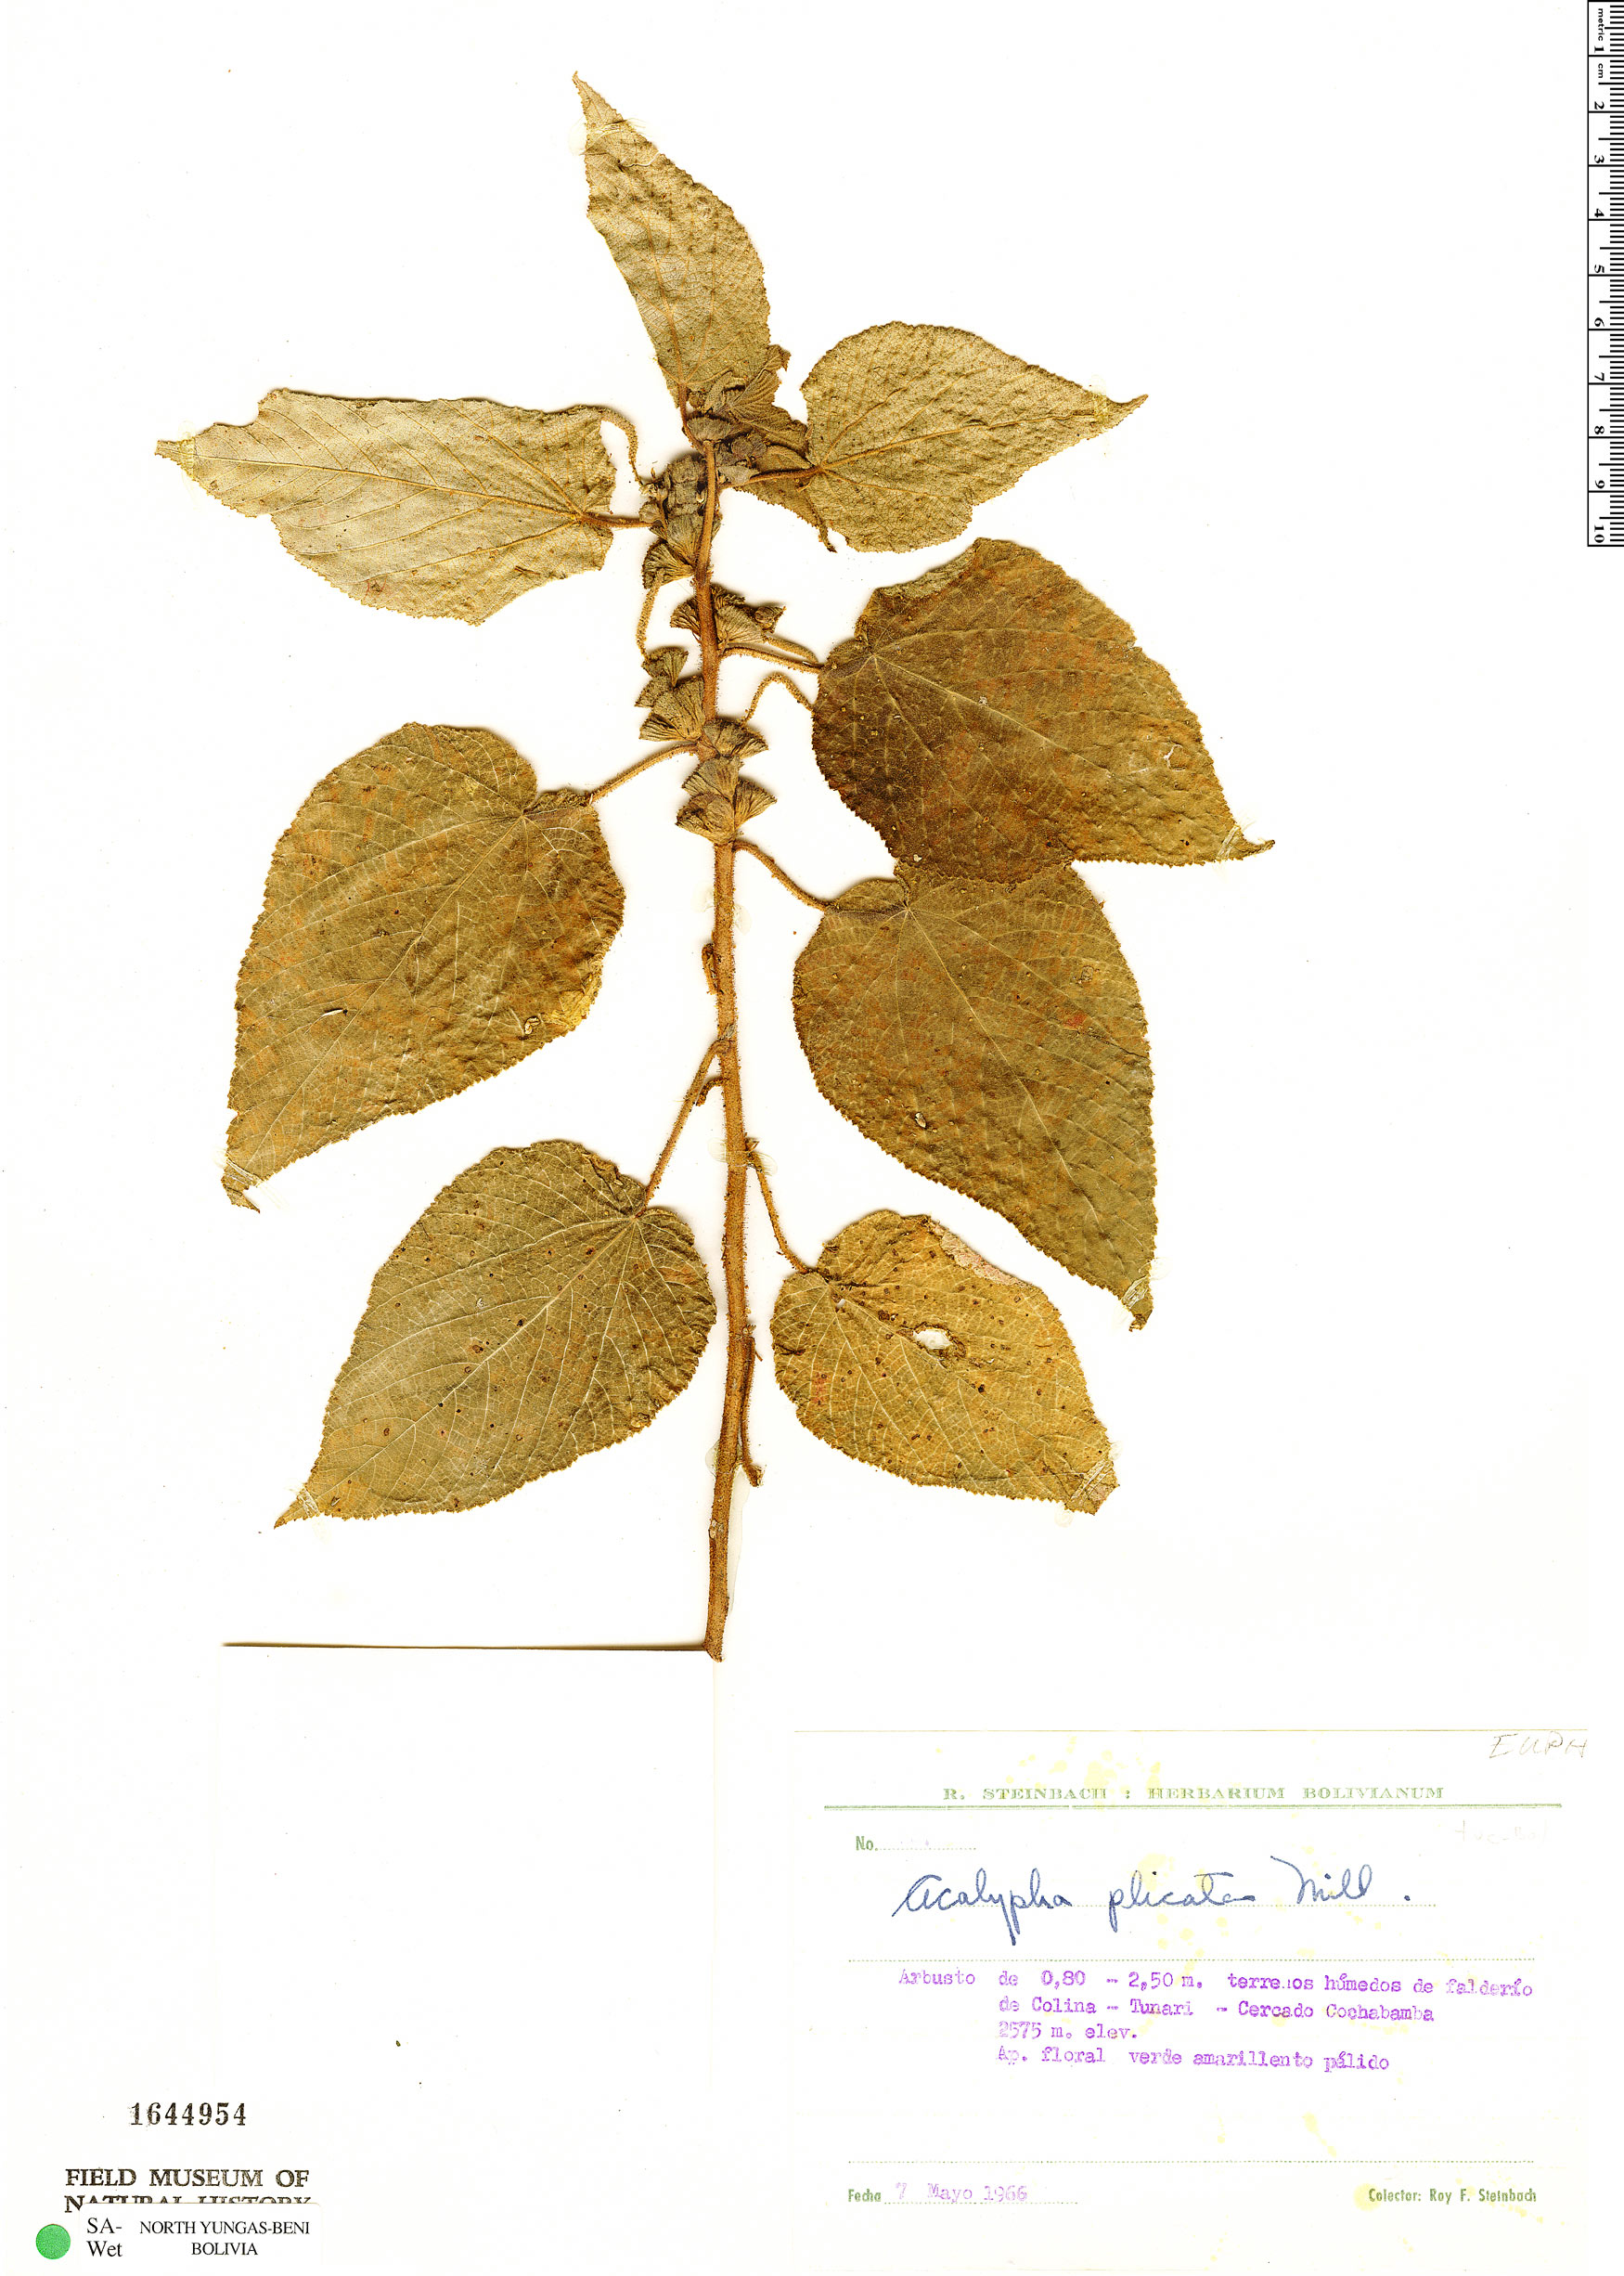 Espécimen: Acalypha plicata